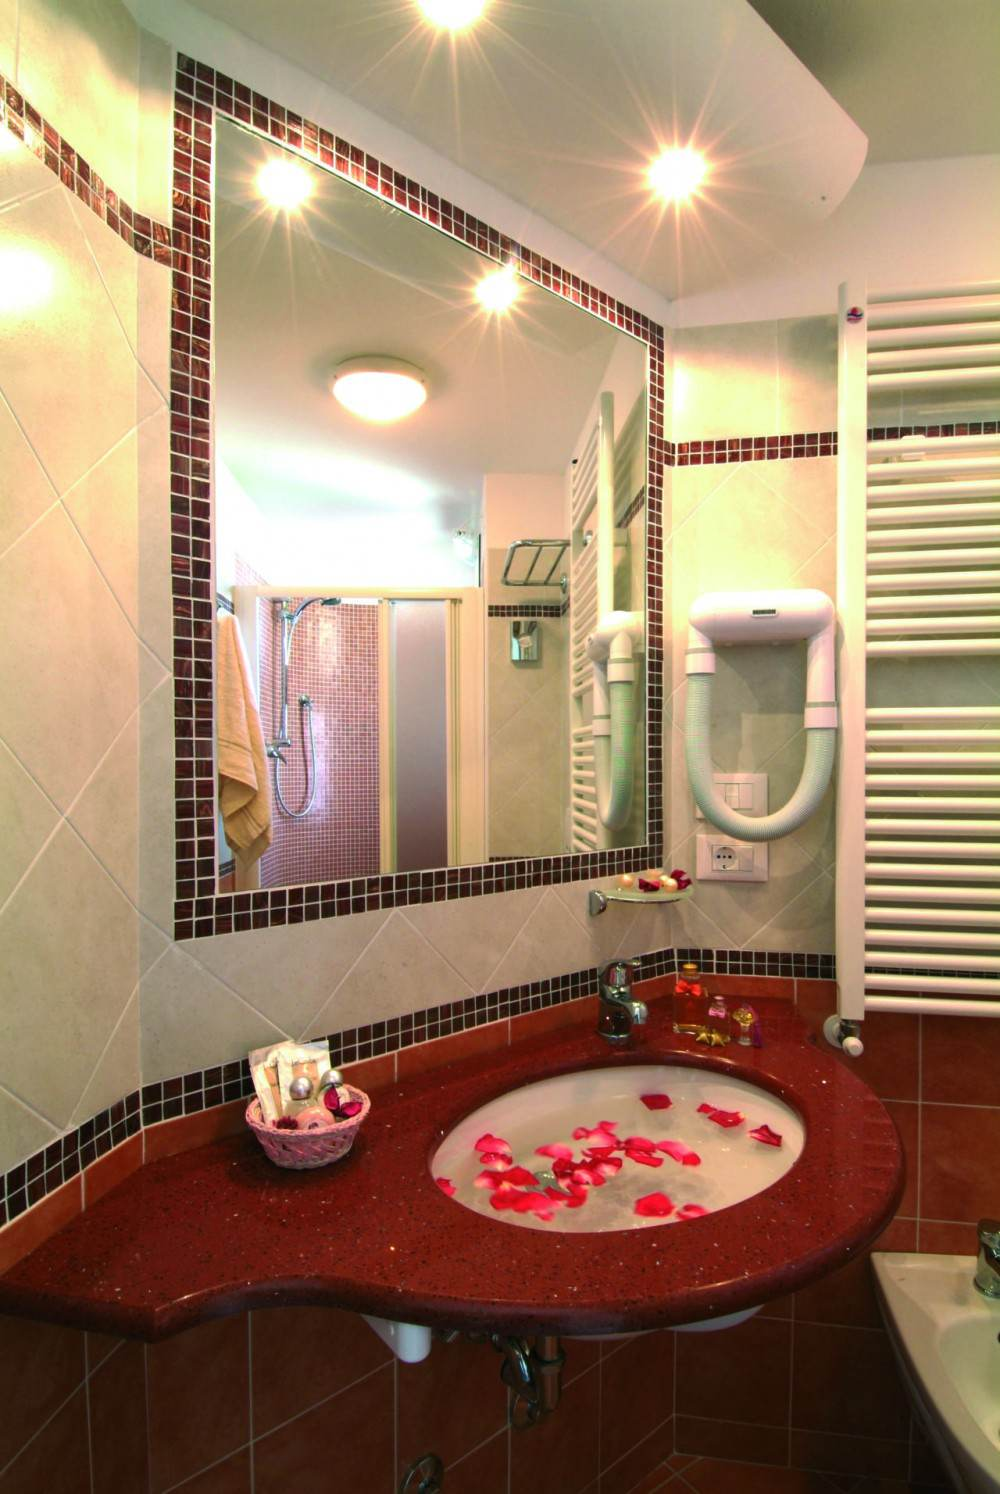 Comode e belle le camere dell 39 hotel missouri di igea marina - Bagno eden igea marina ...